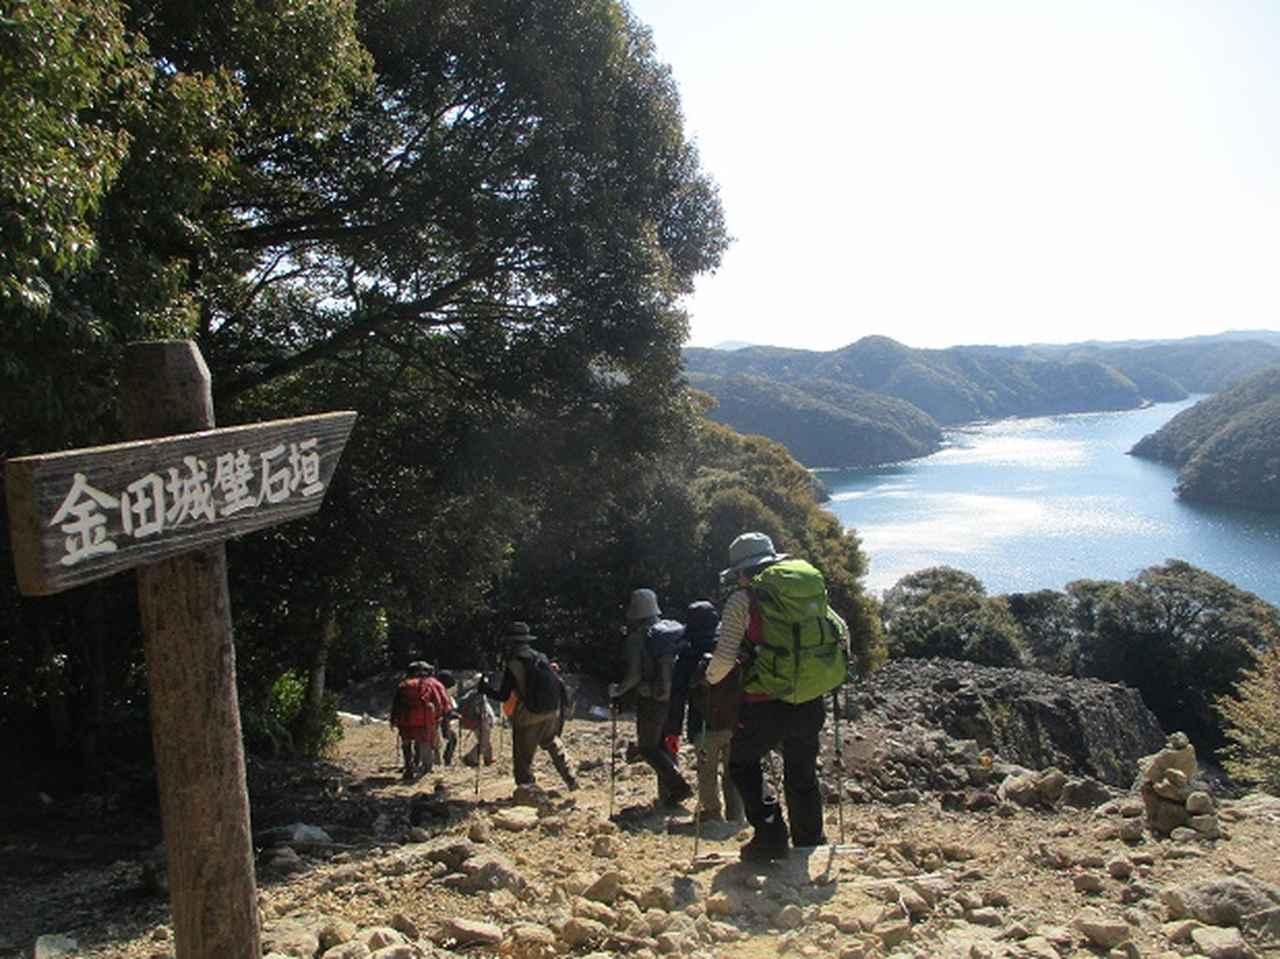 画像2: 対馬ツアー3日目は青空気持ち良い、 金田城山 へ行きました!